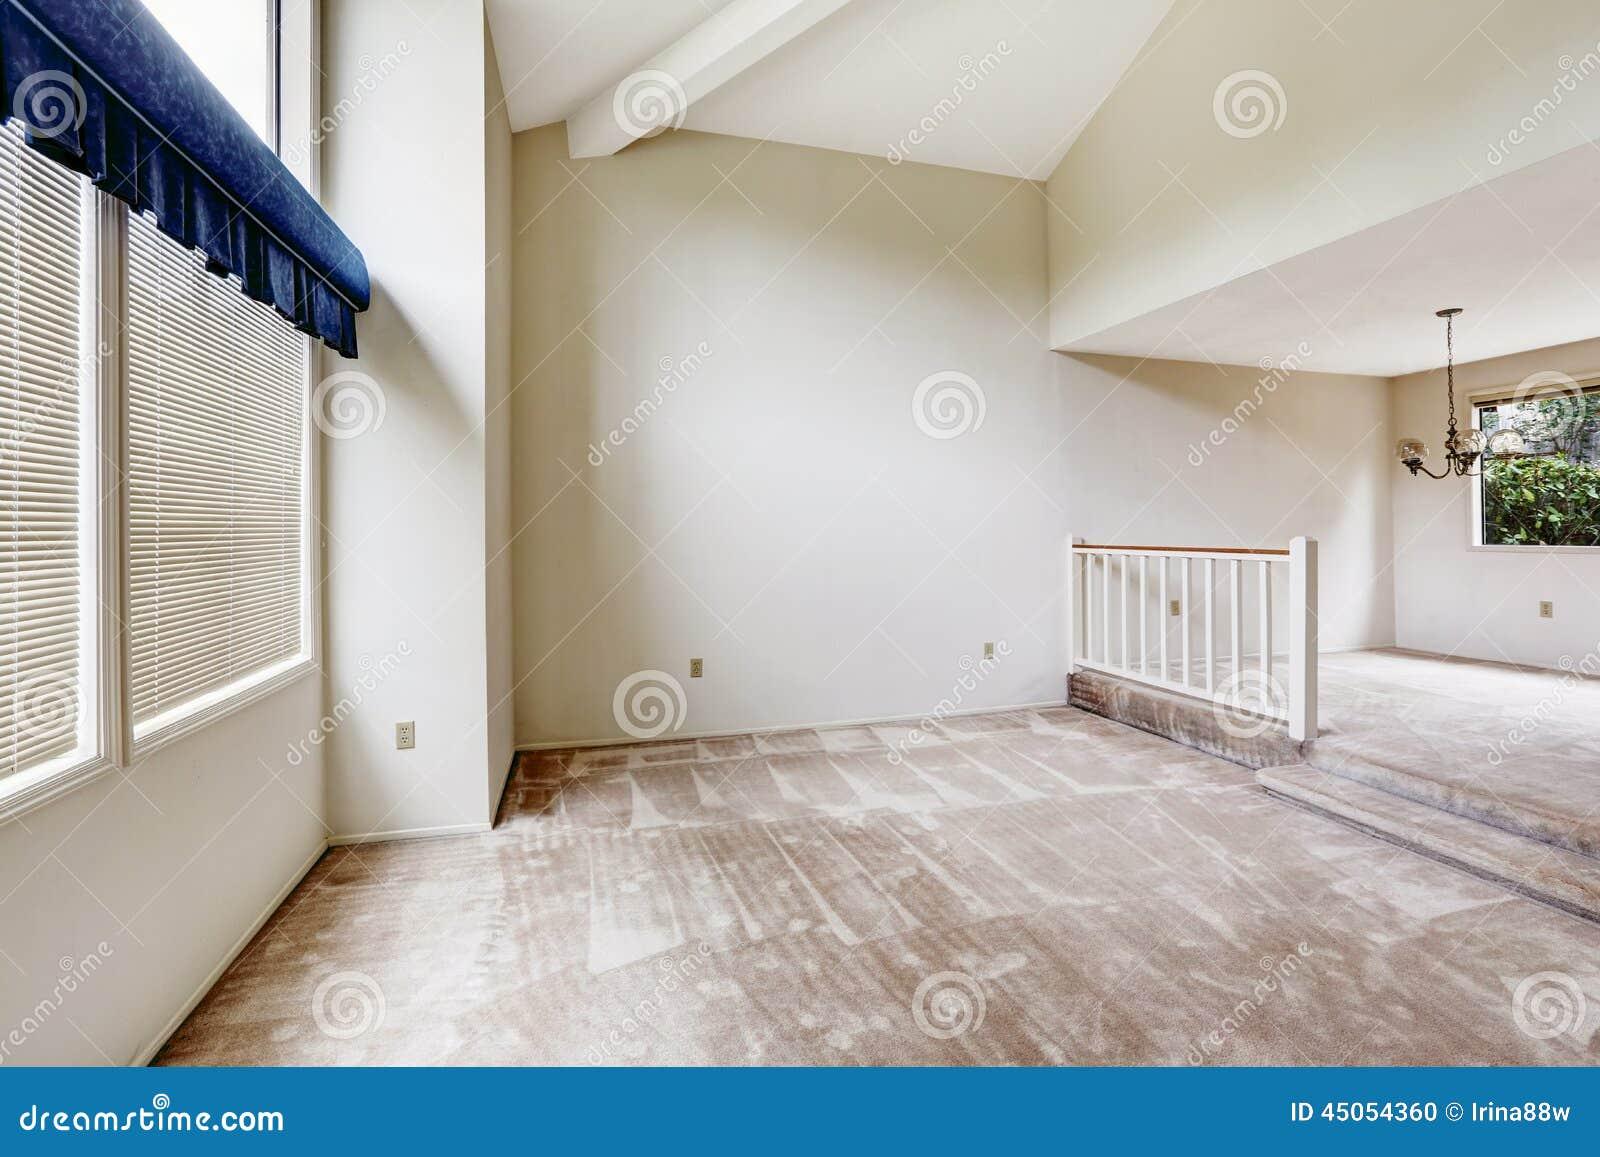 Moquette Interieur Maison